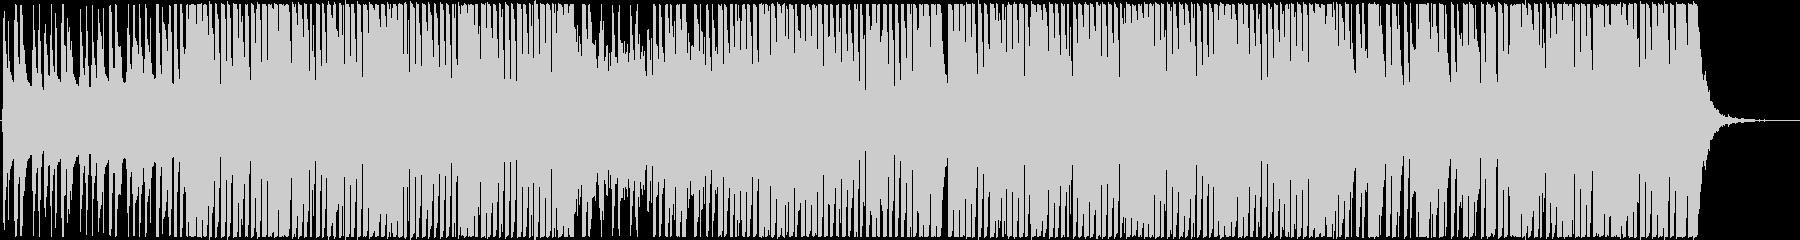 ゆったりふわふわしたFuturePopの未再生の波形